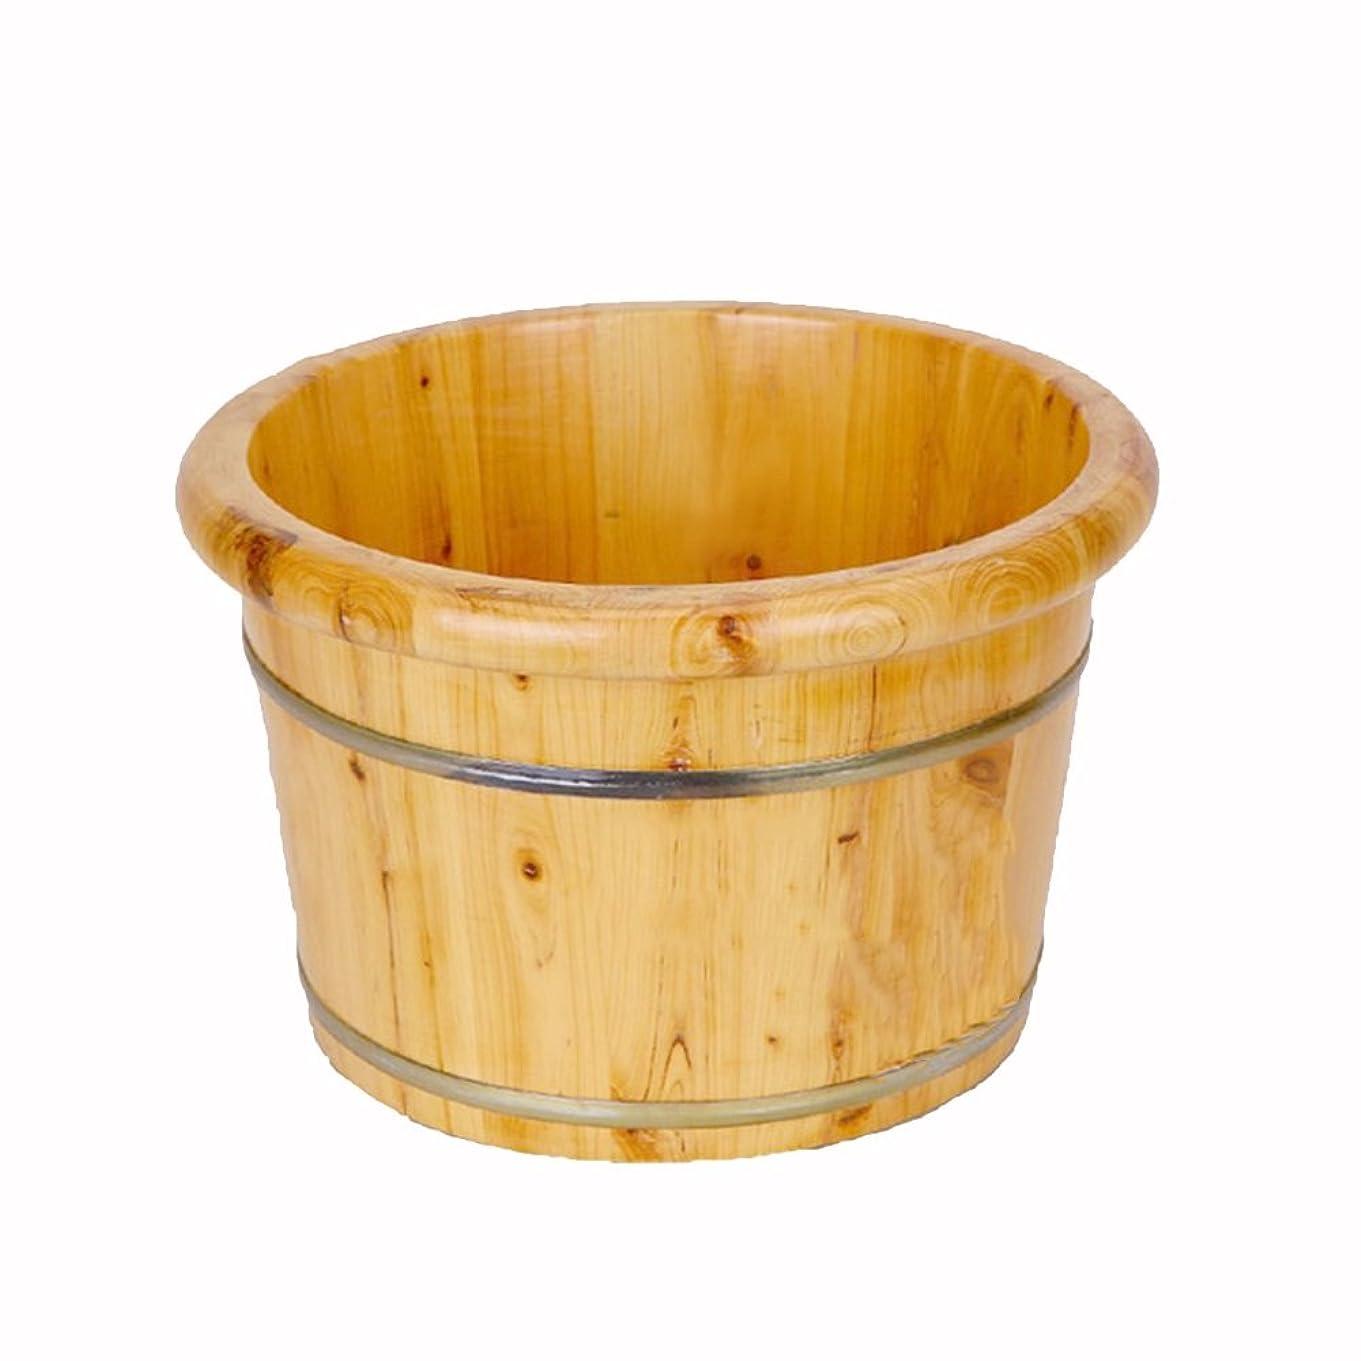 力失効パイルZHANGRONG- ゴム製の木製の浴槽足の浴槽足の浴の銃足の浴槽の足の浴槽木製の樽を洗う